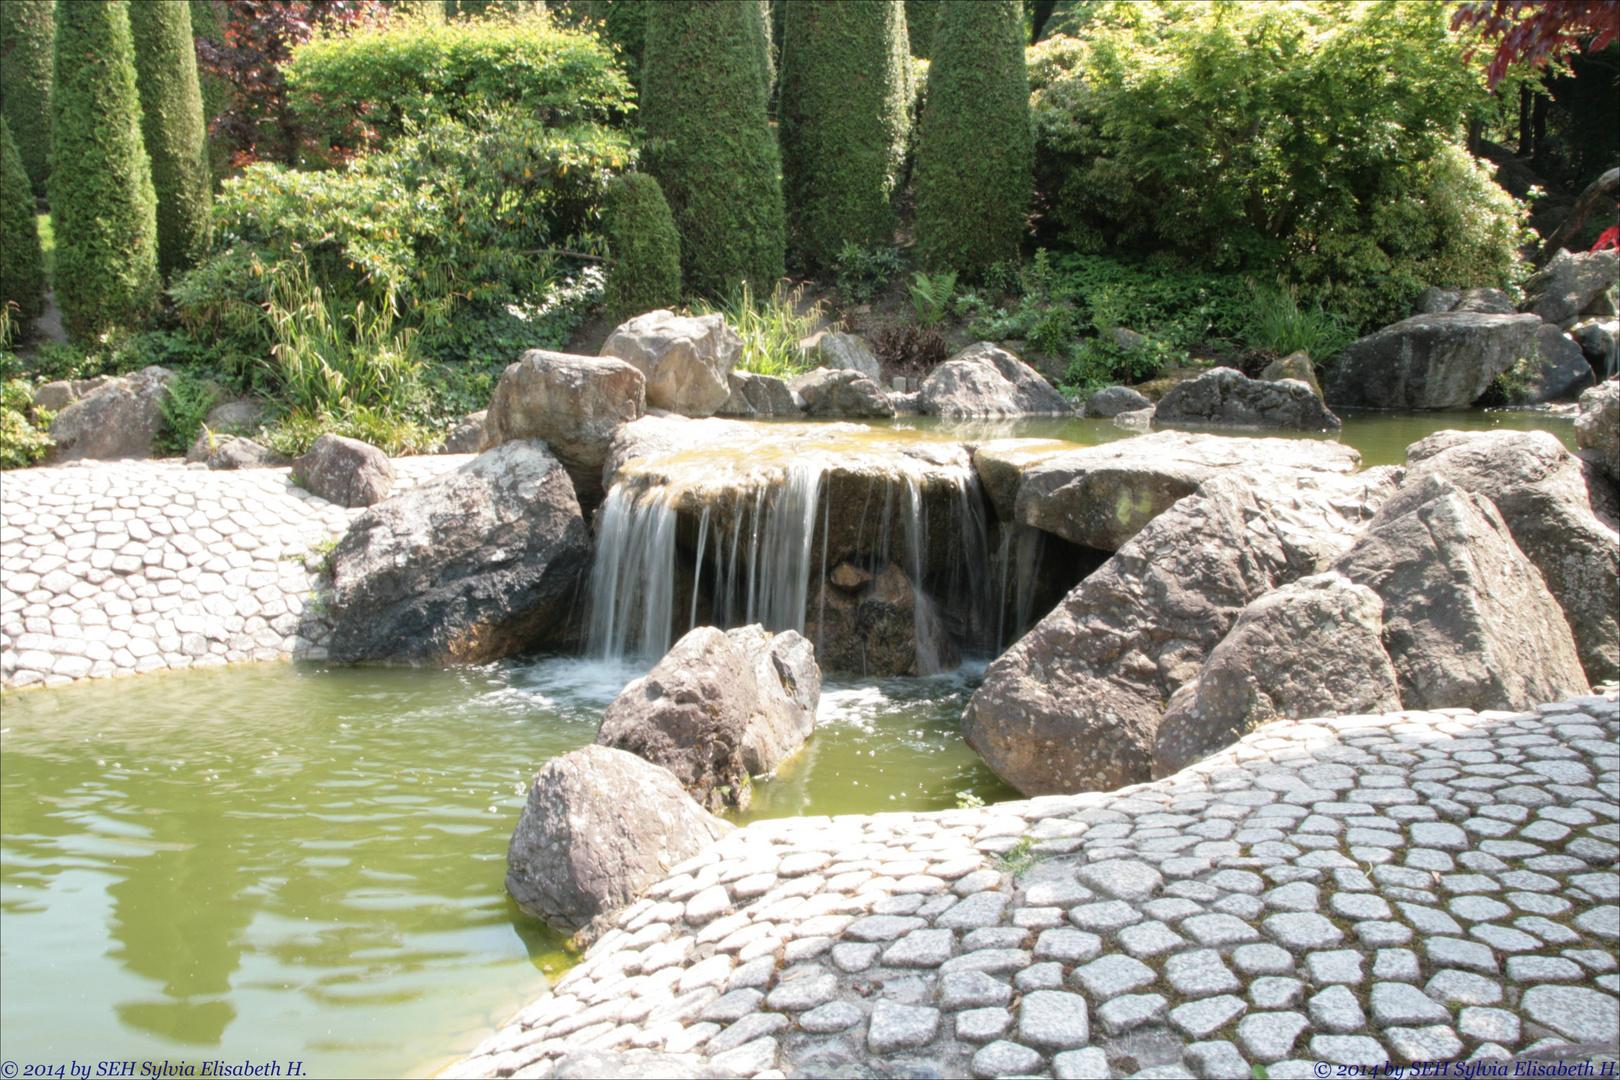 japanischer garten wasserspiele foto bild landschaft garten parklandschaften pflanzen. Black Bedroom Furniture Sets. Home Design Ideas